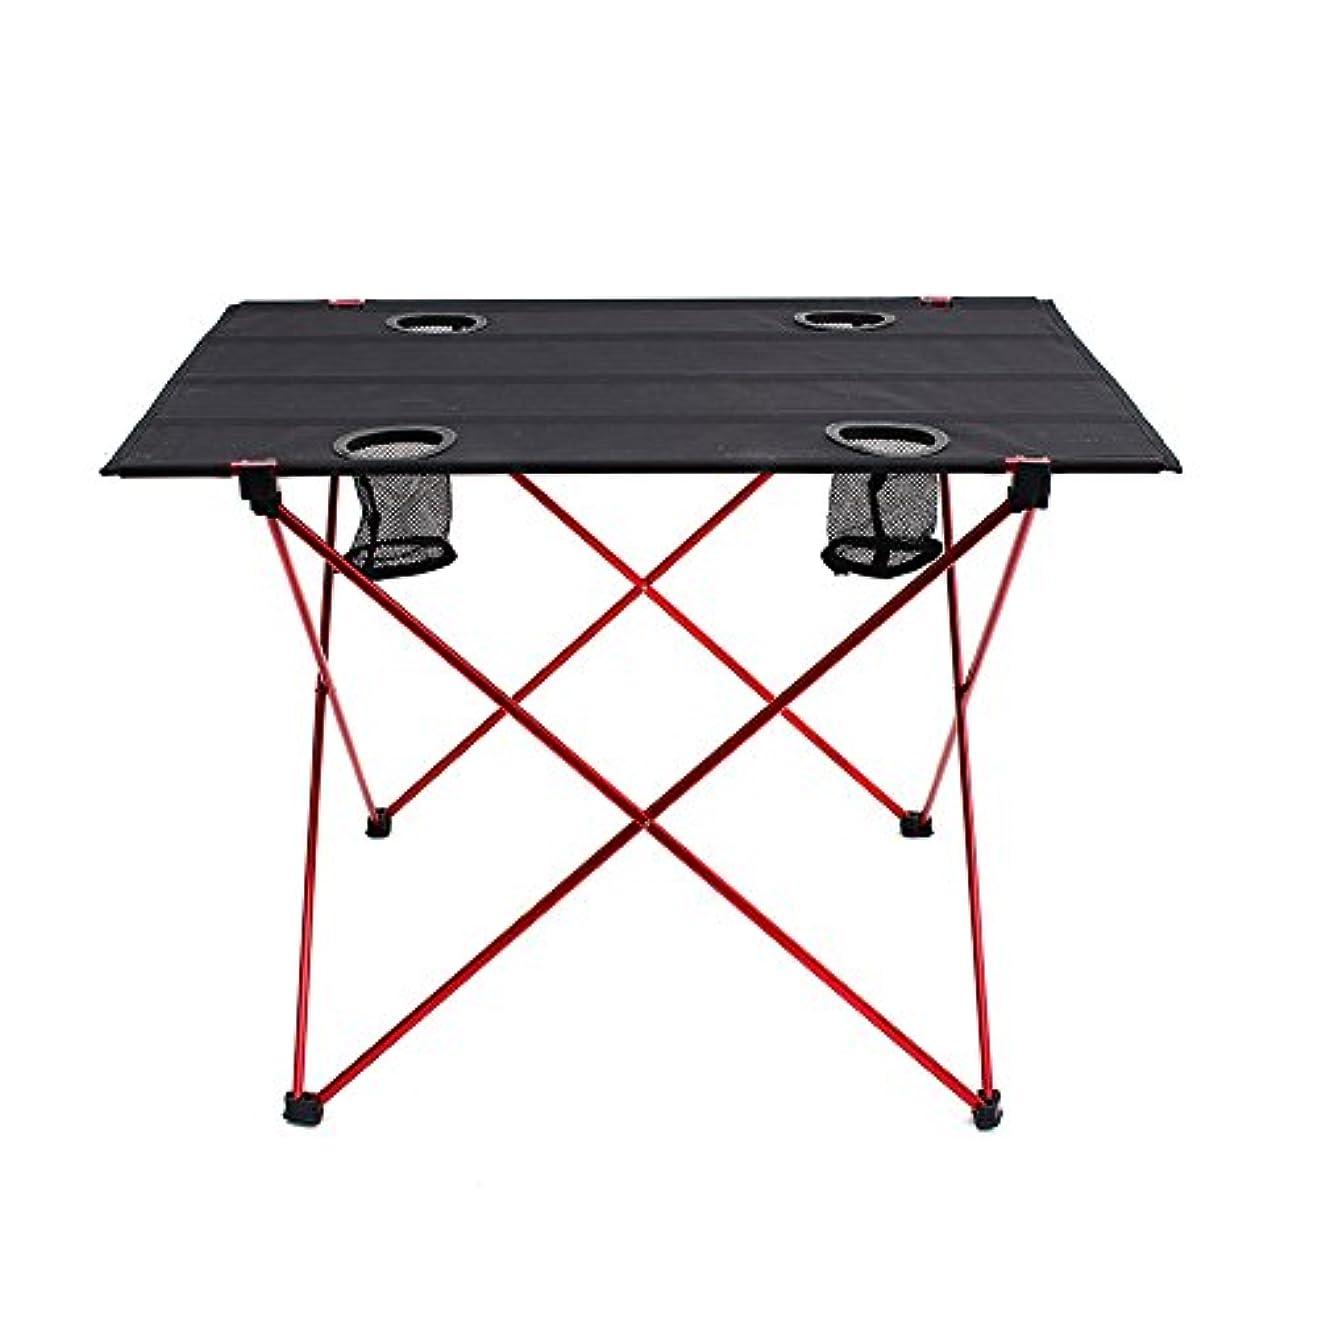 浸漬打ち上げる配送Outry 軽量折りたたみ式テーブル カップホルダー付き ポータブルキャンプテーブル